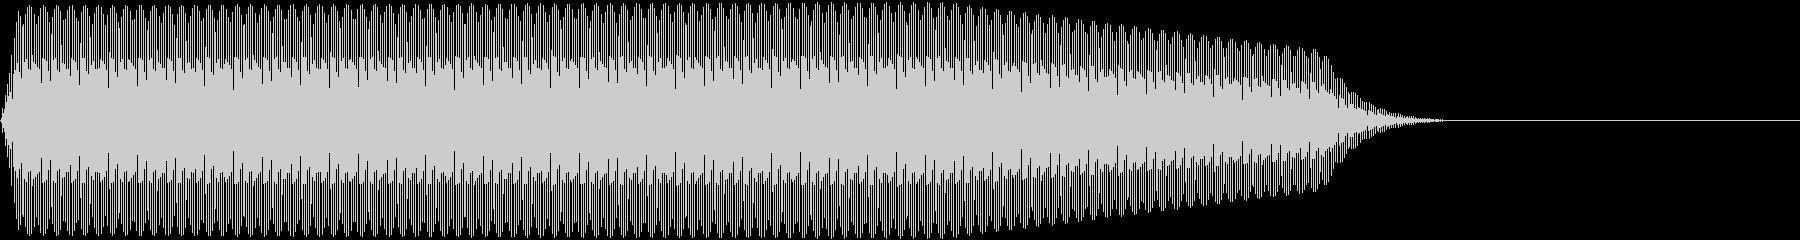 DENSHION ハイトーンな電子音 7の未再生の波形